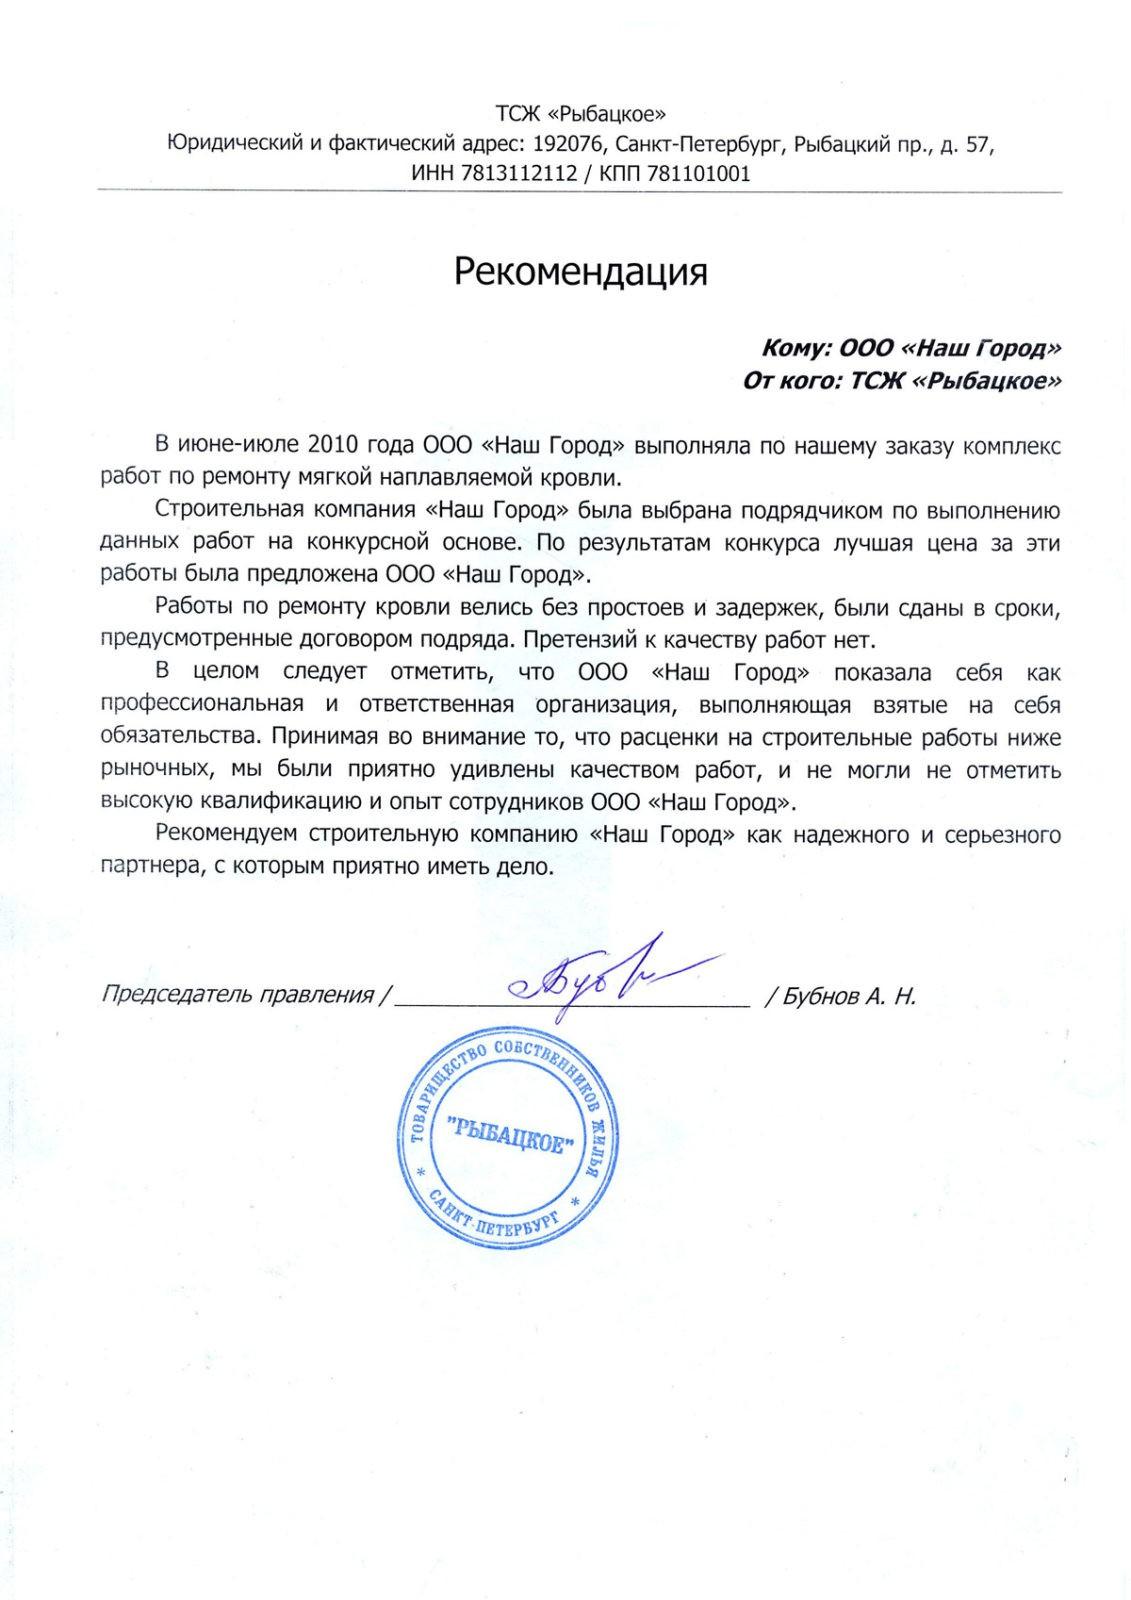 """Отзыв ТСЖ """"Рыбацкое"""" о работе ООО """"Наш город"""""""